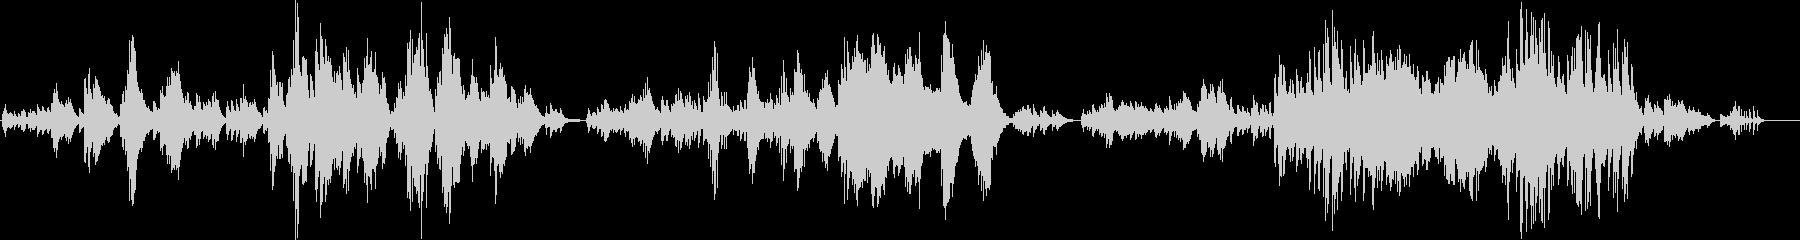 和風とクラシックのハイブリッドピアノソロの未再生の波形